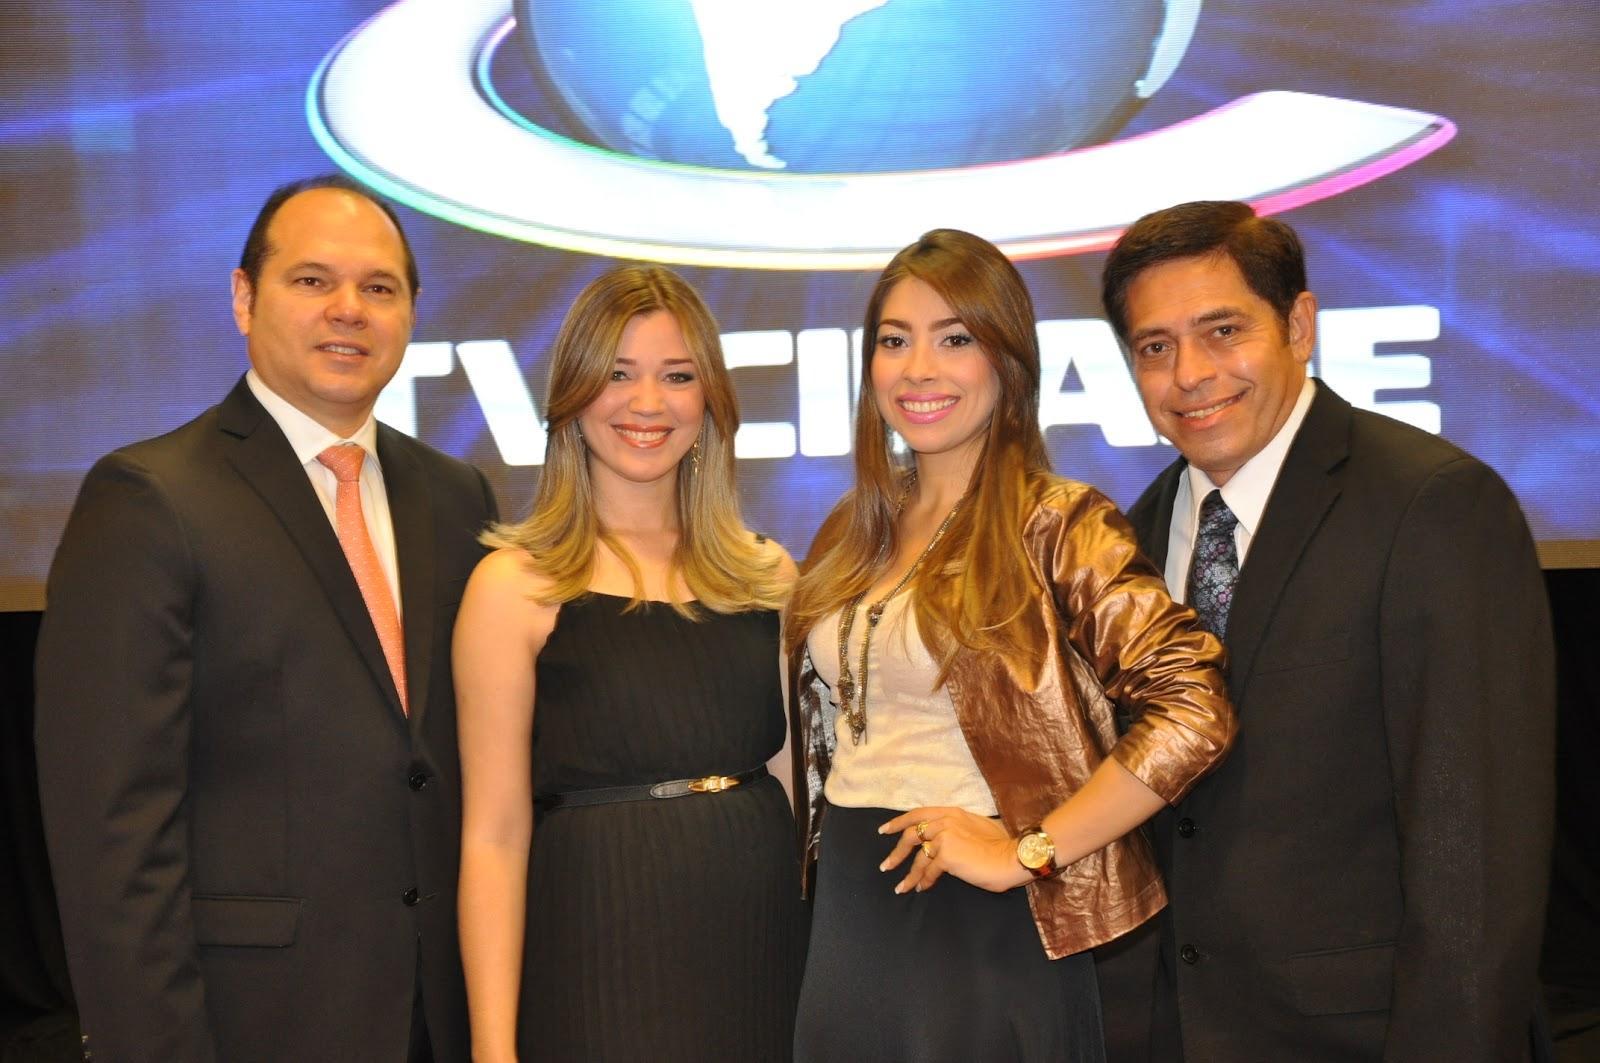 http://3.bp.blogspot.com/-qJTMWq8ZoJU/UAQGjZ-9fcI/AAAAAAAAOp0/8mIW0D4o7os/s1600/02+-+Freitas+J%C3%BAnior,+Ana+Cl%C3%A1udia+Andrade,+Nicole+de+Fran%C3%A7a+e+Alfredo+Marques.JPG